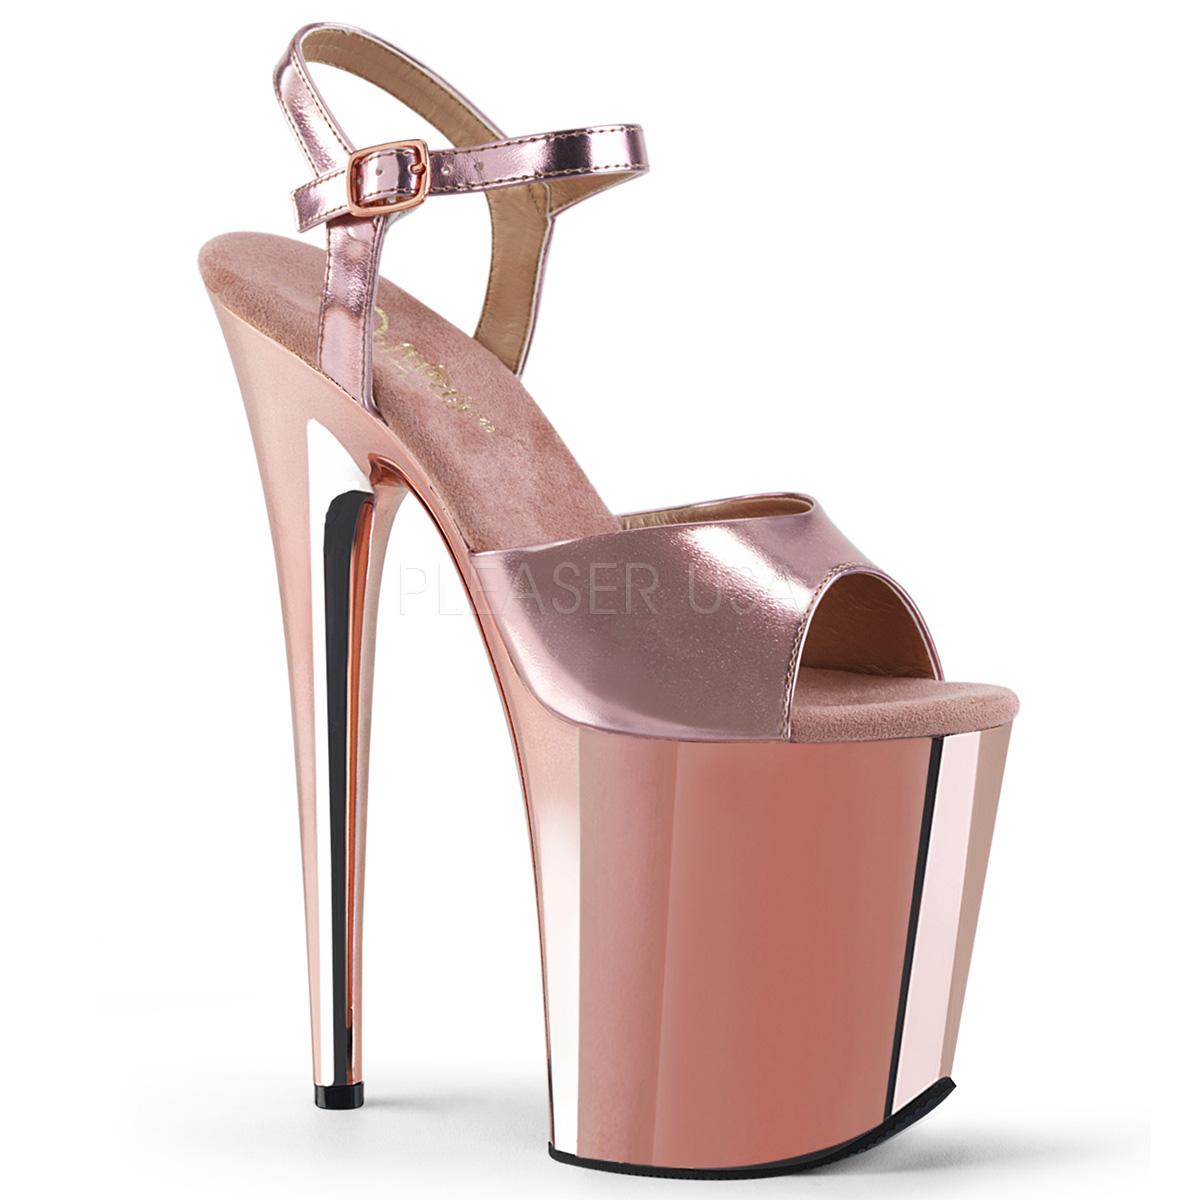 74979585d Rosa 20 cm Pleaser FLAMINGO-809 krom platå høye hæler sko